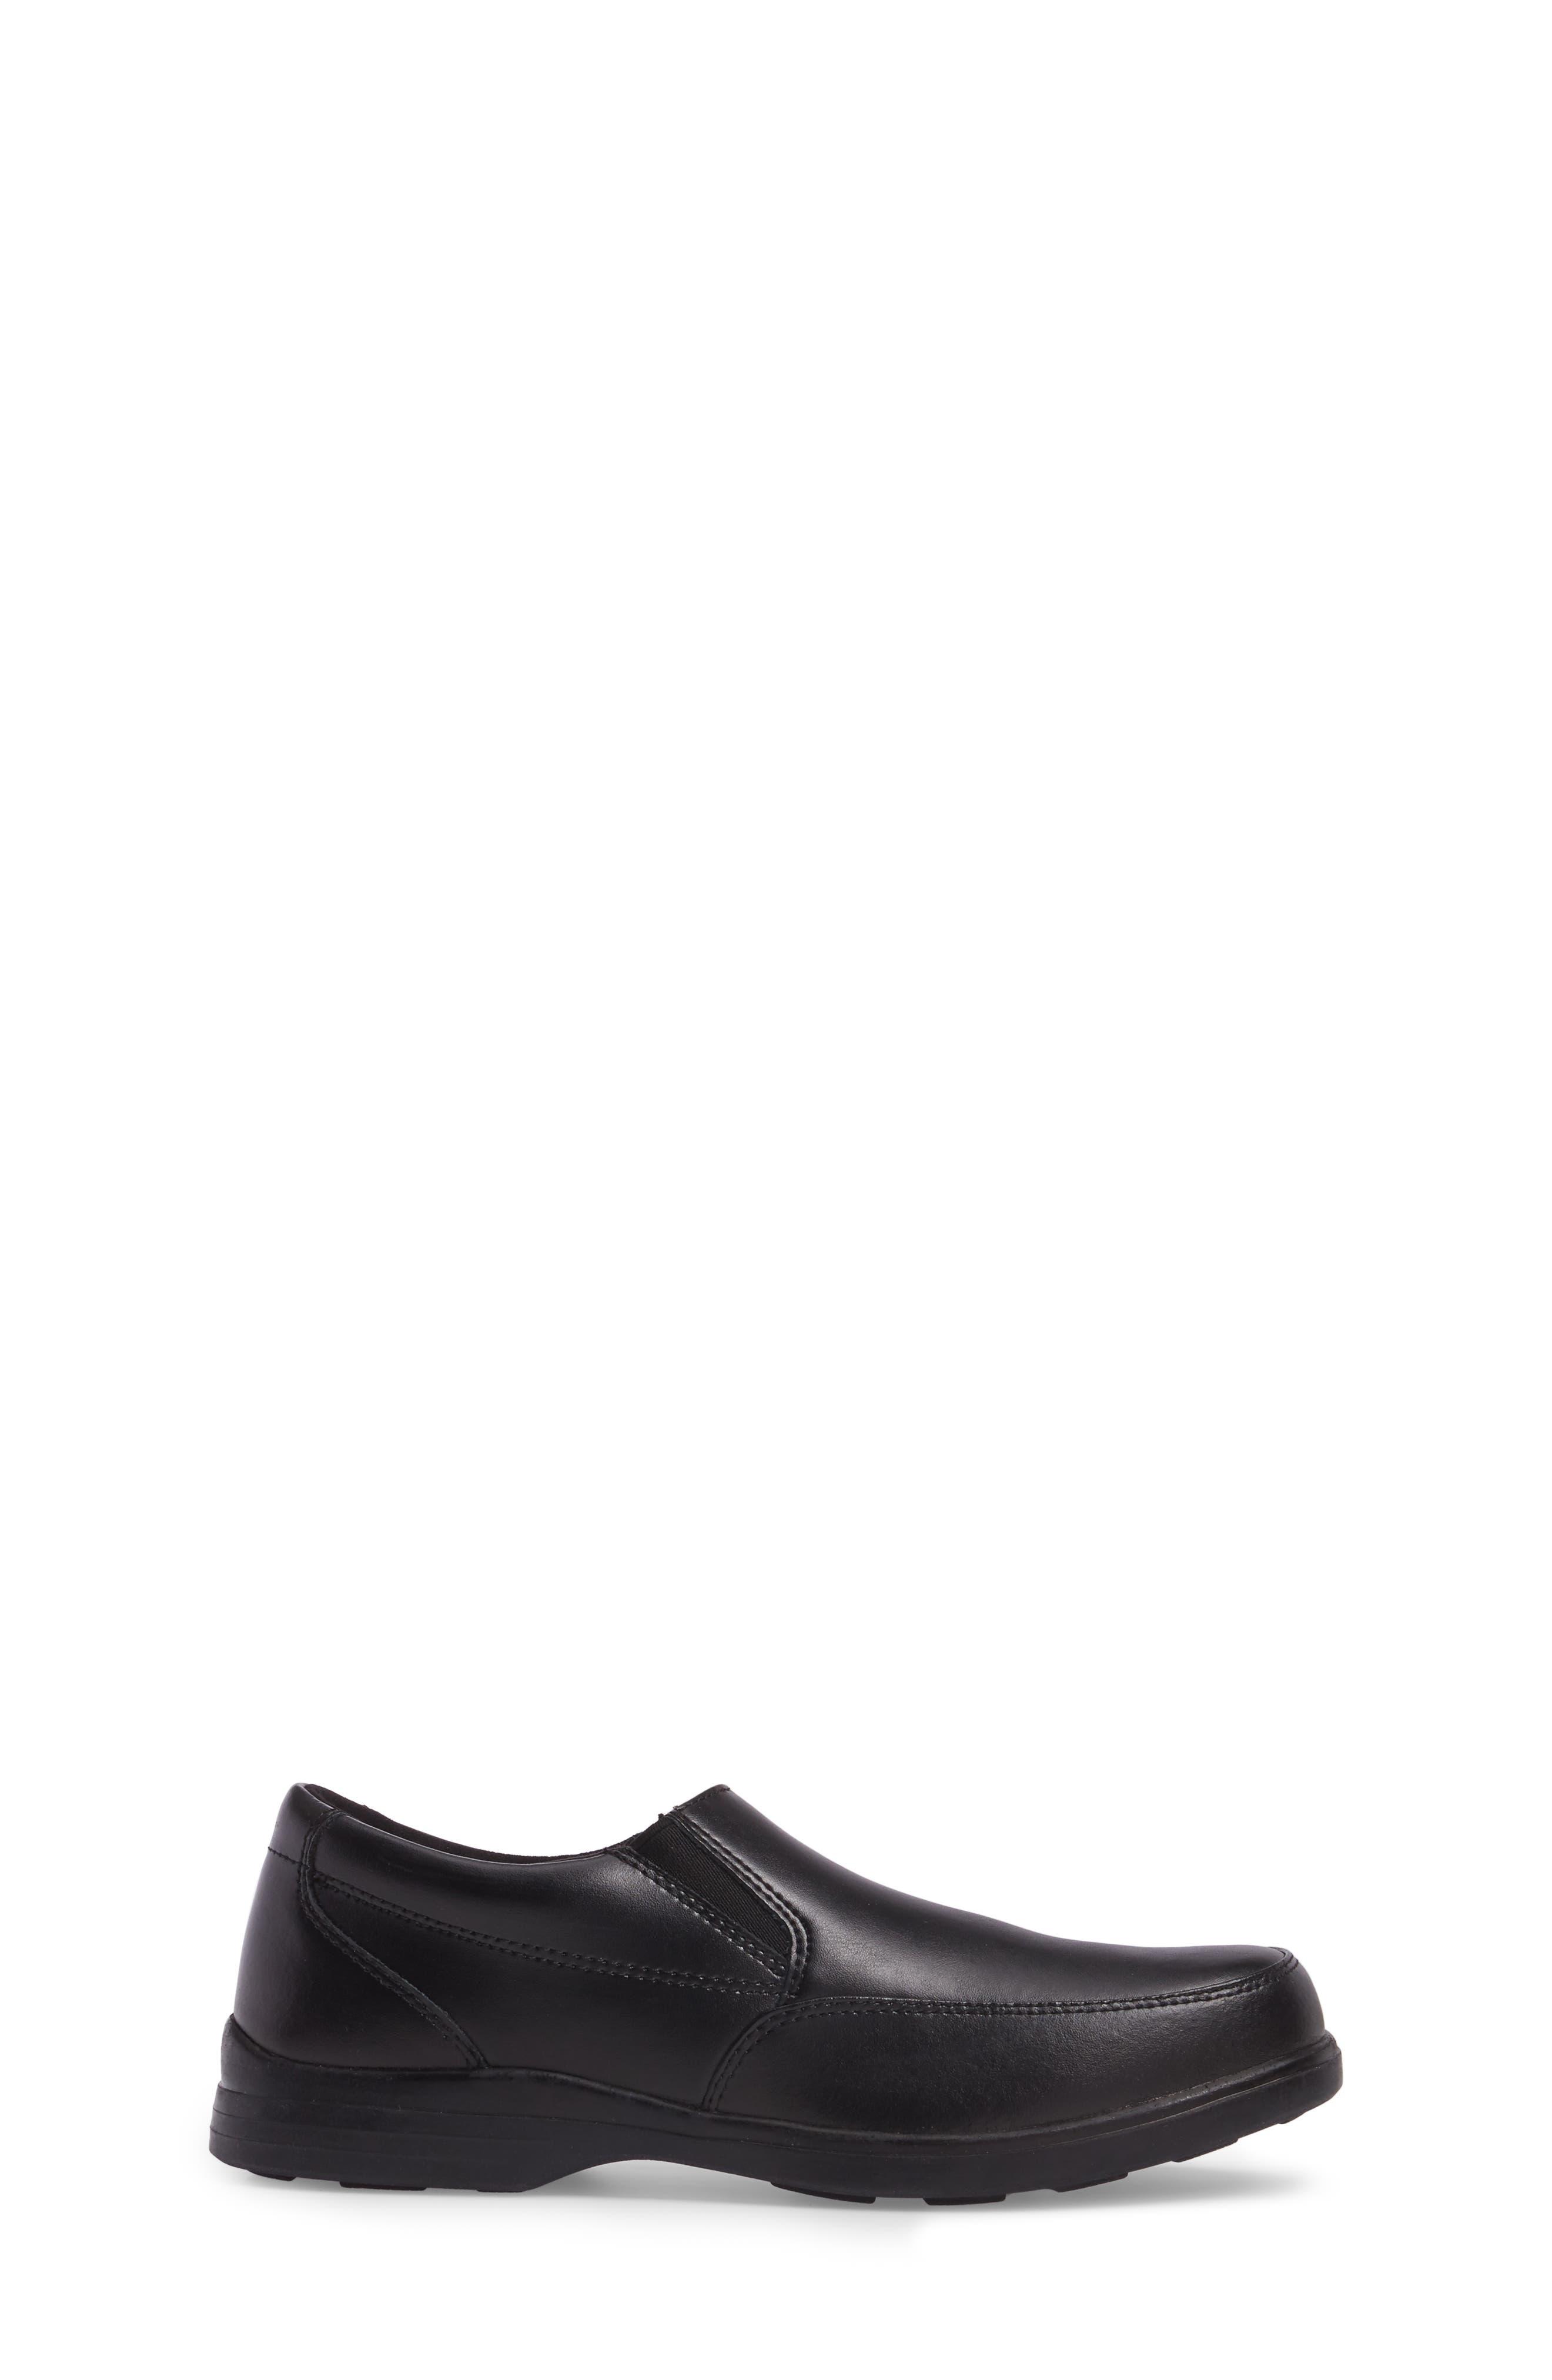 Shane Slip-On Dress Shoe,                             Alternate thumbnail 3, color,                             001